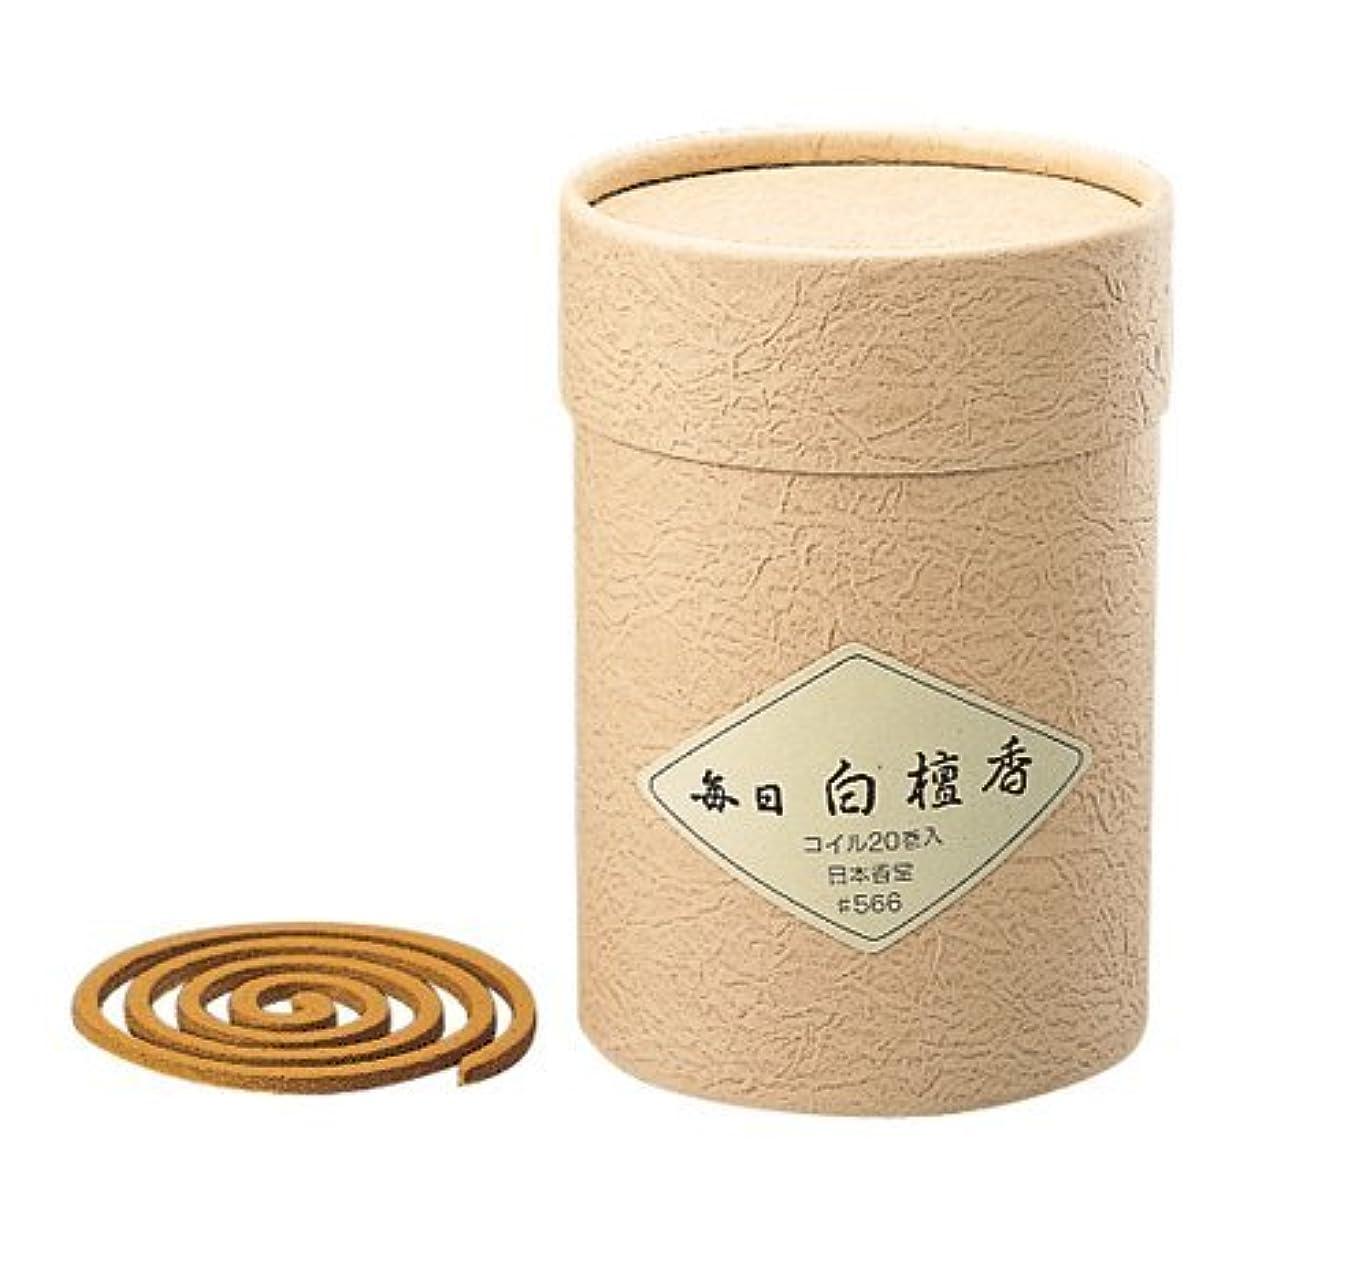 より良い安定したあいにく香木の香りのお香 毎日白檀香 コイル20巻入【お香】